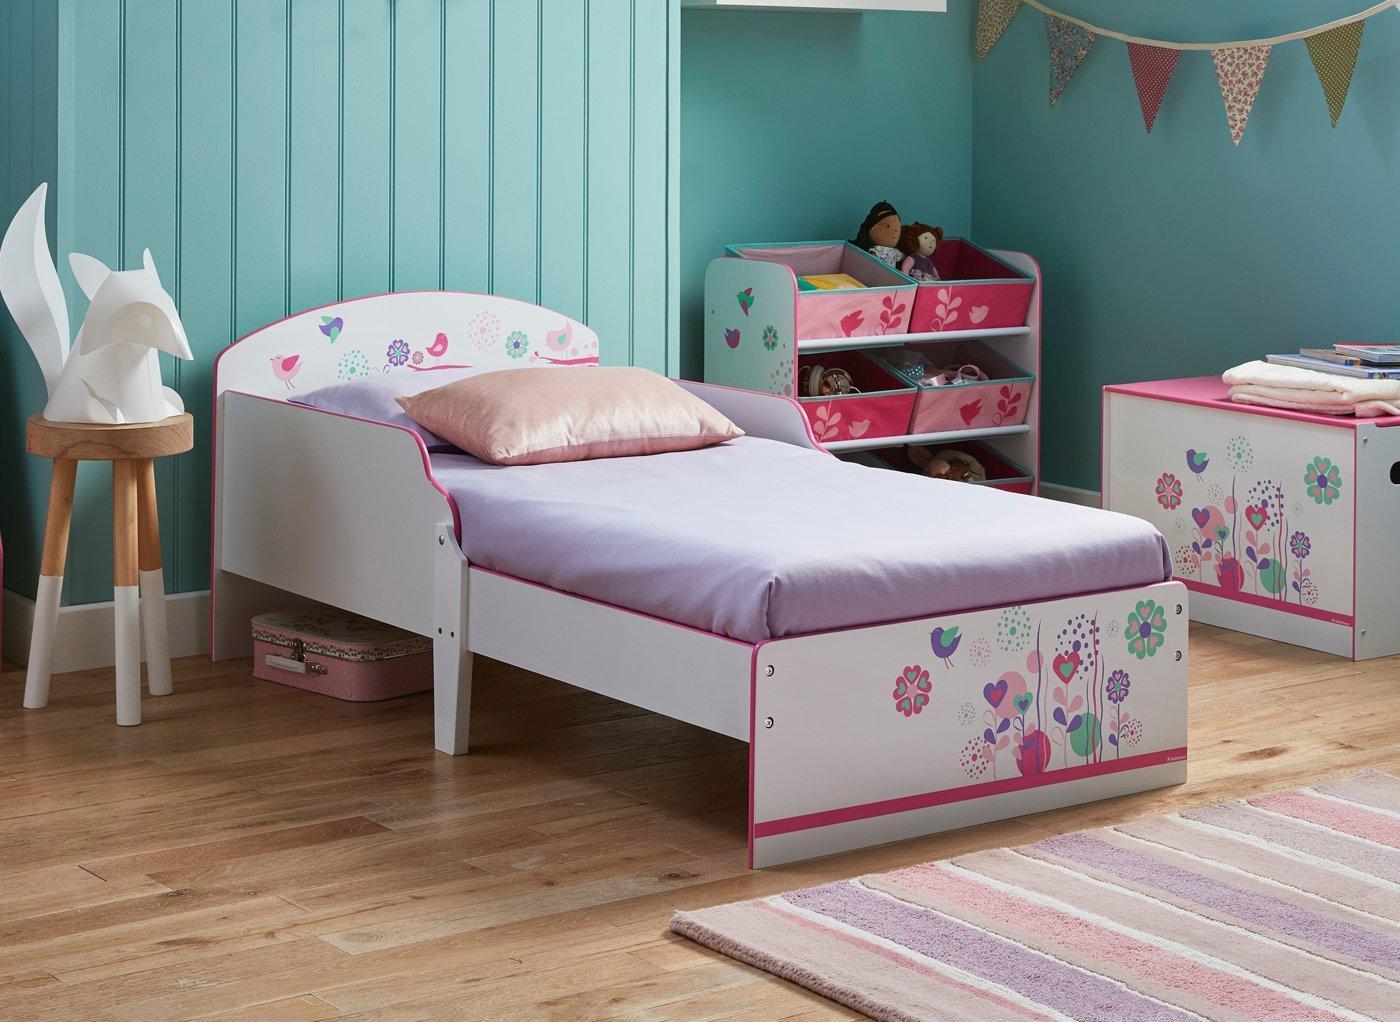 flowers---birds-toddler-bed-frame